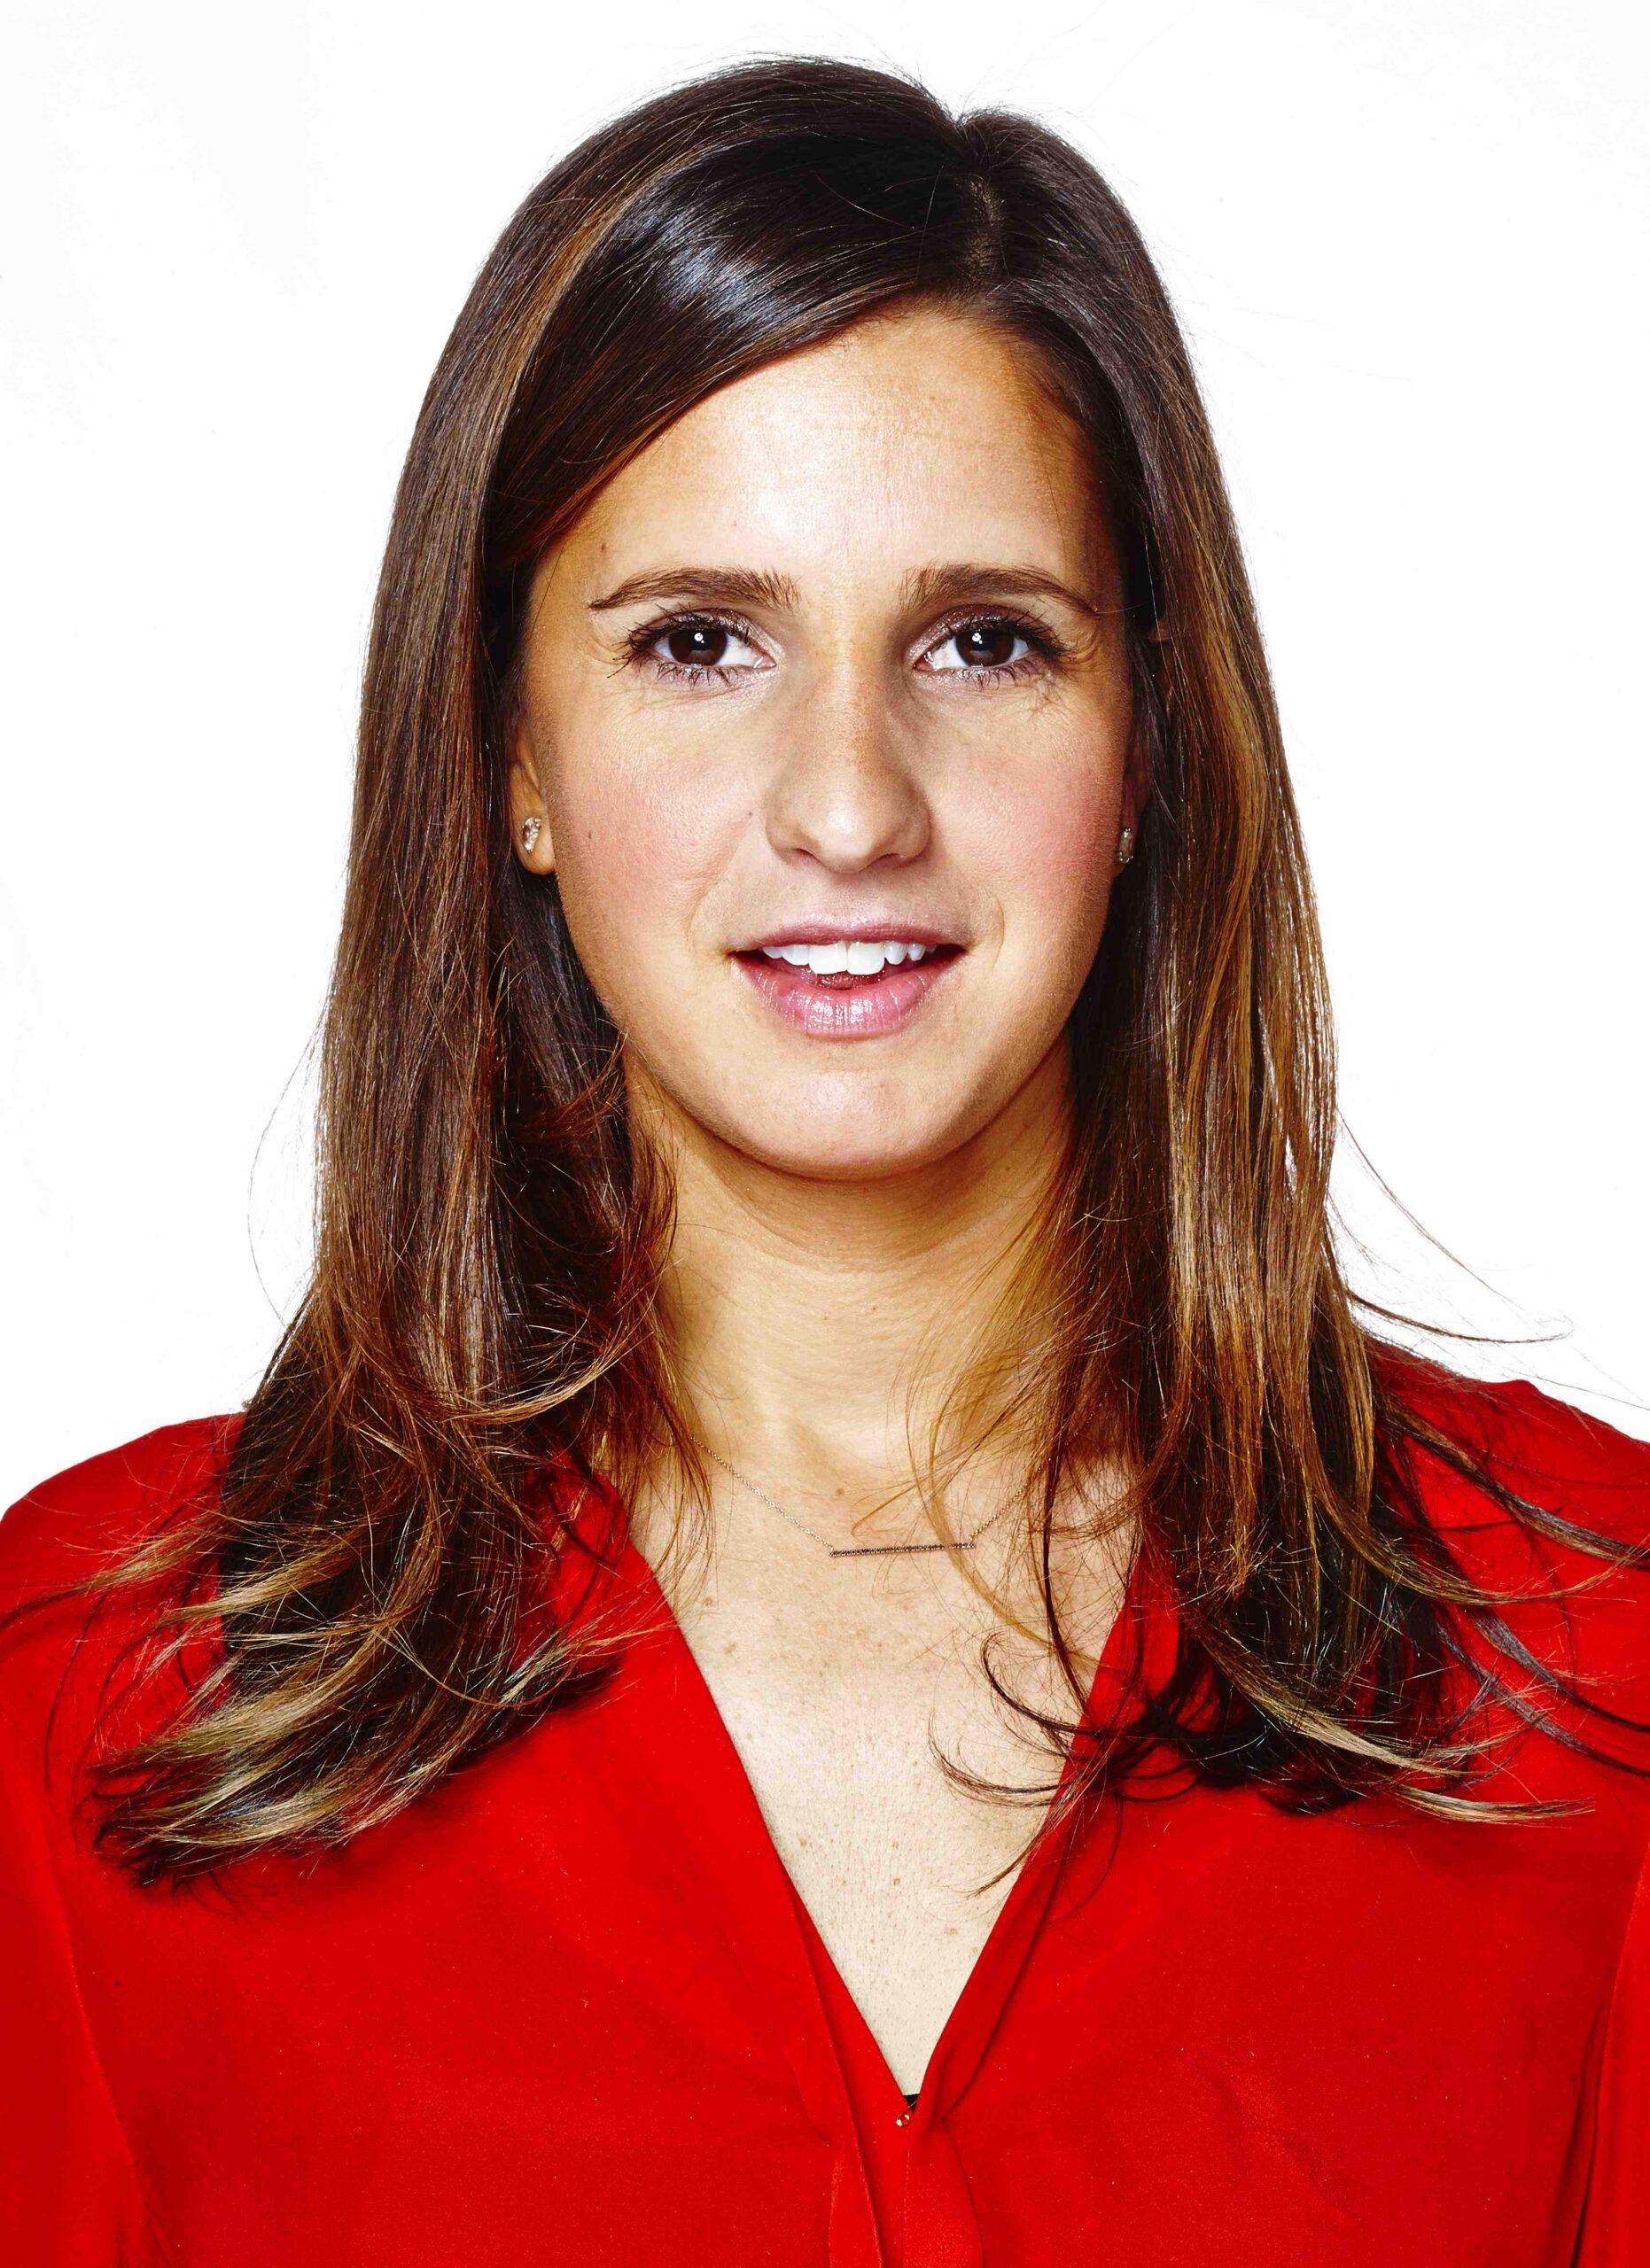 Jessica Silvester